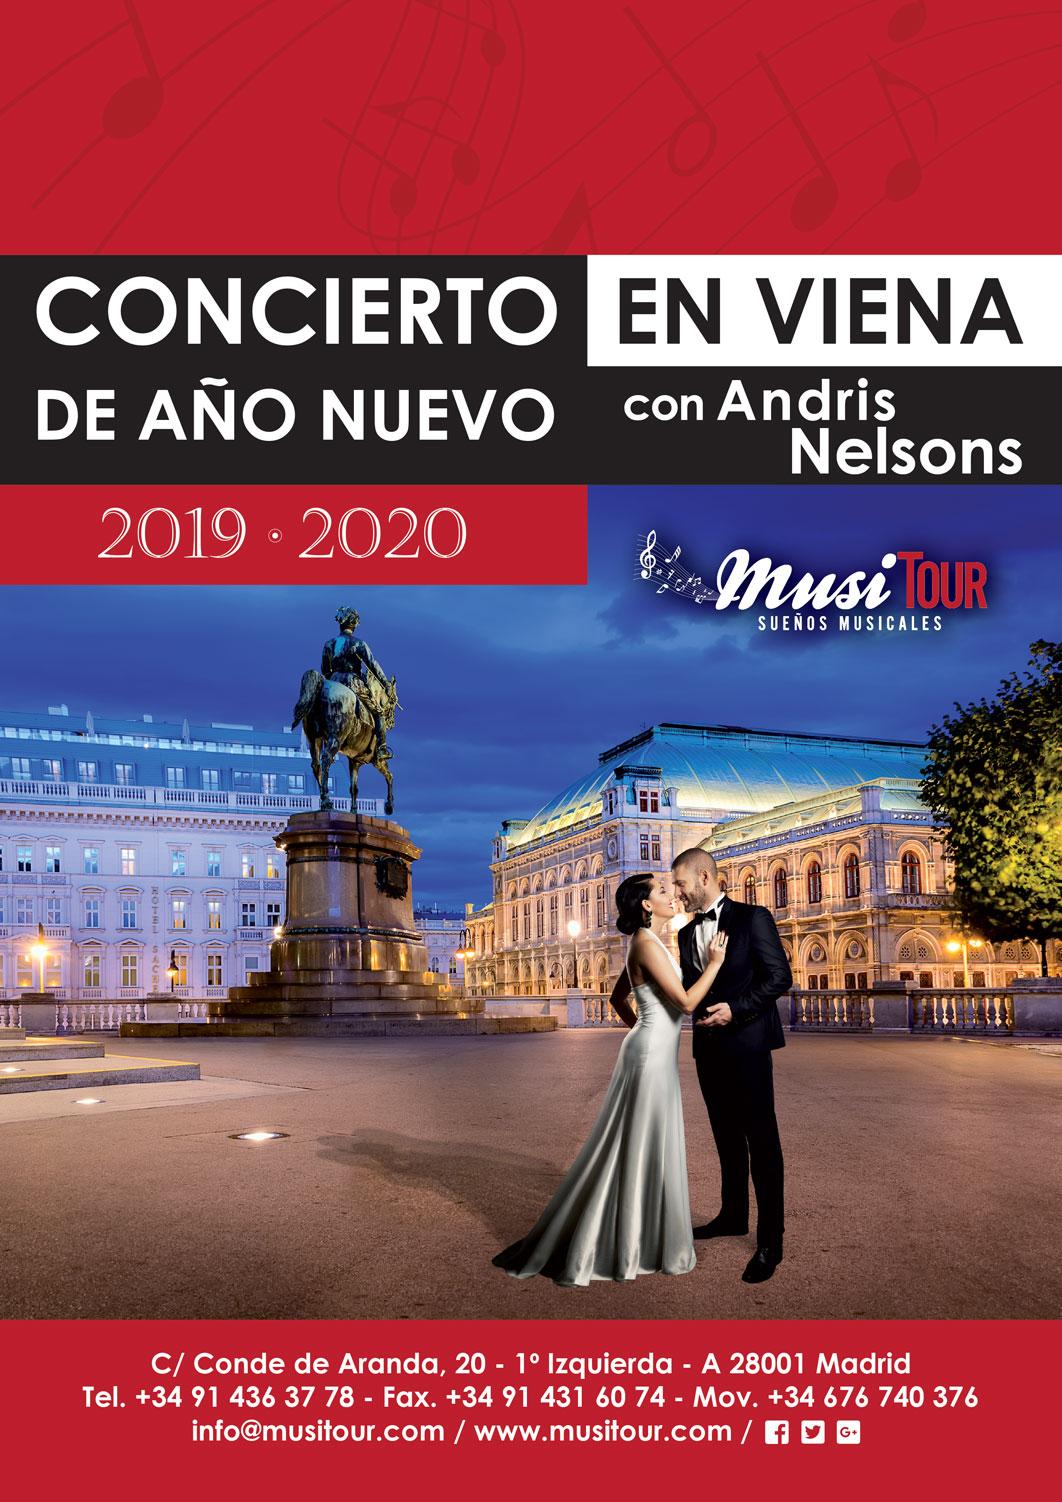 Fin de Año en Viena 2019-2020 con Andris Nelsons